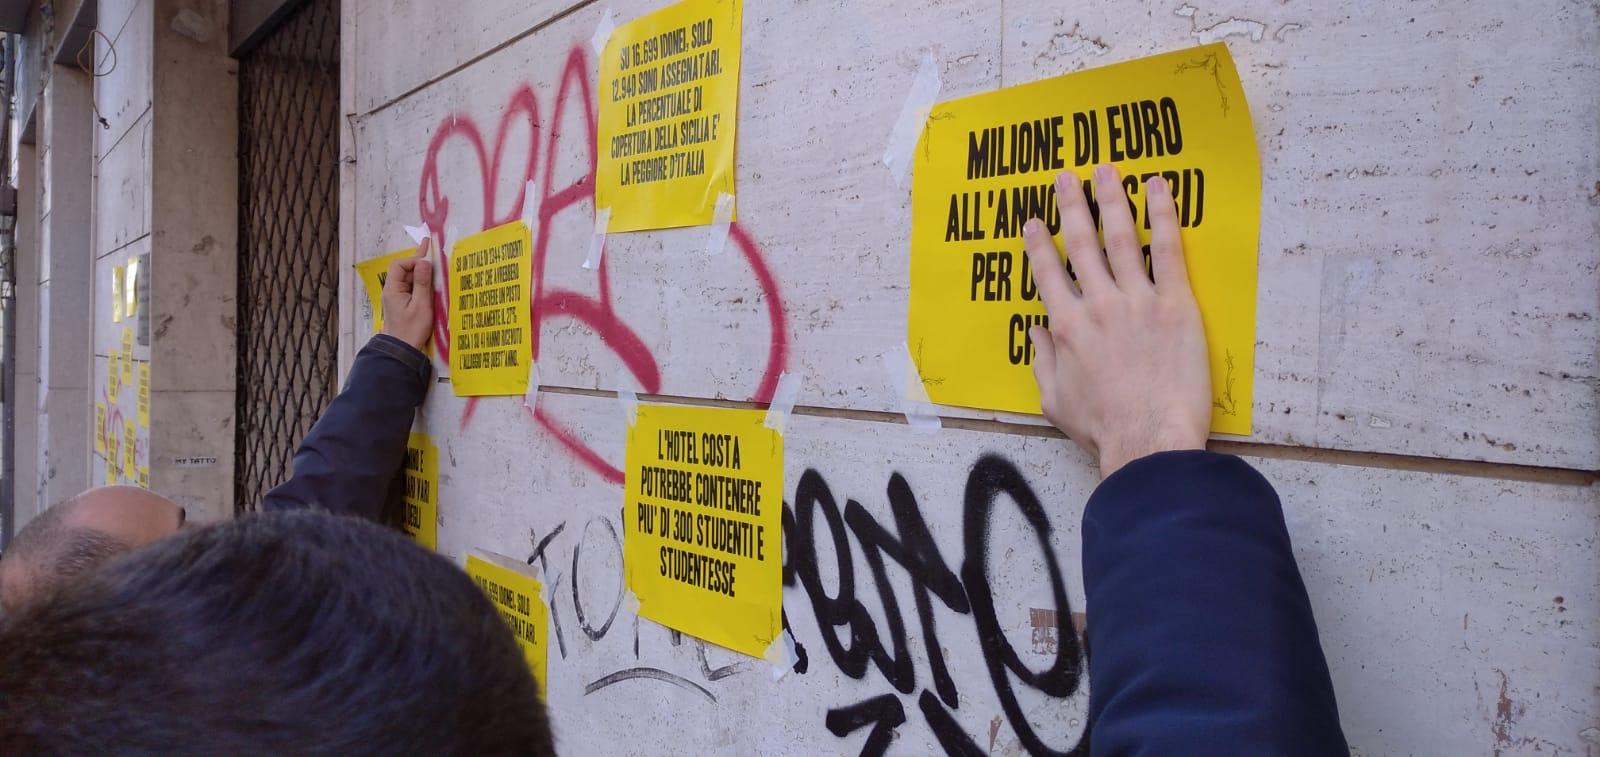 Ex Hotel Costa-Ersu: situazione ancora irrisolta e gli studenti protestano